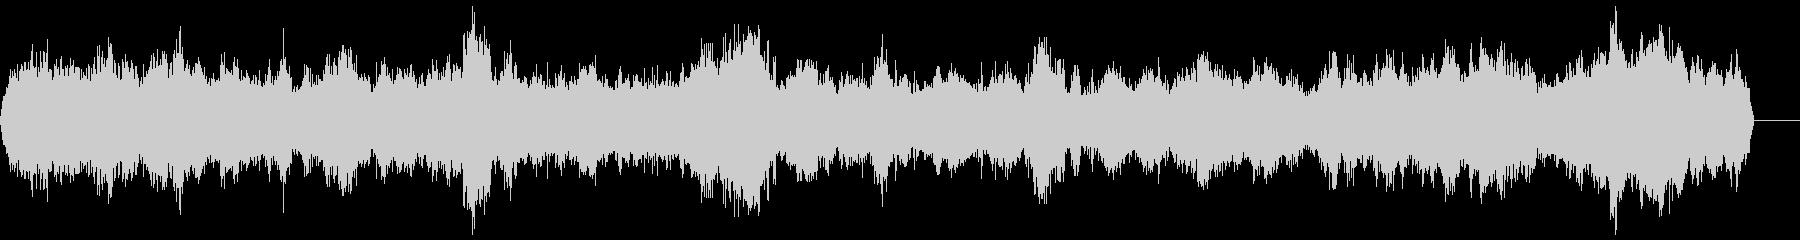 ゾンビ(グループ)血欲でうめき声1の未再生の波形